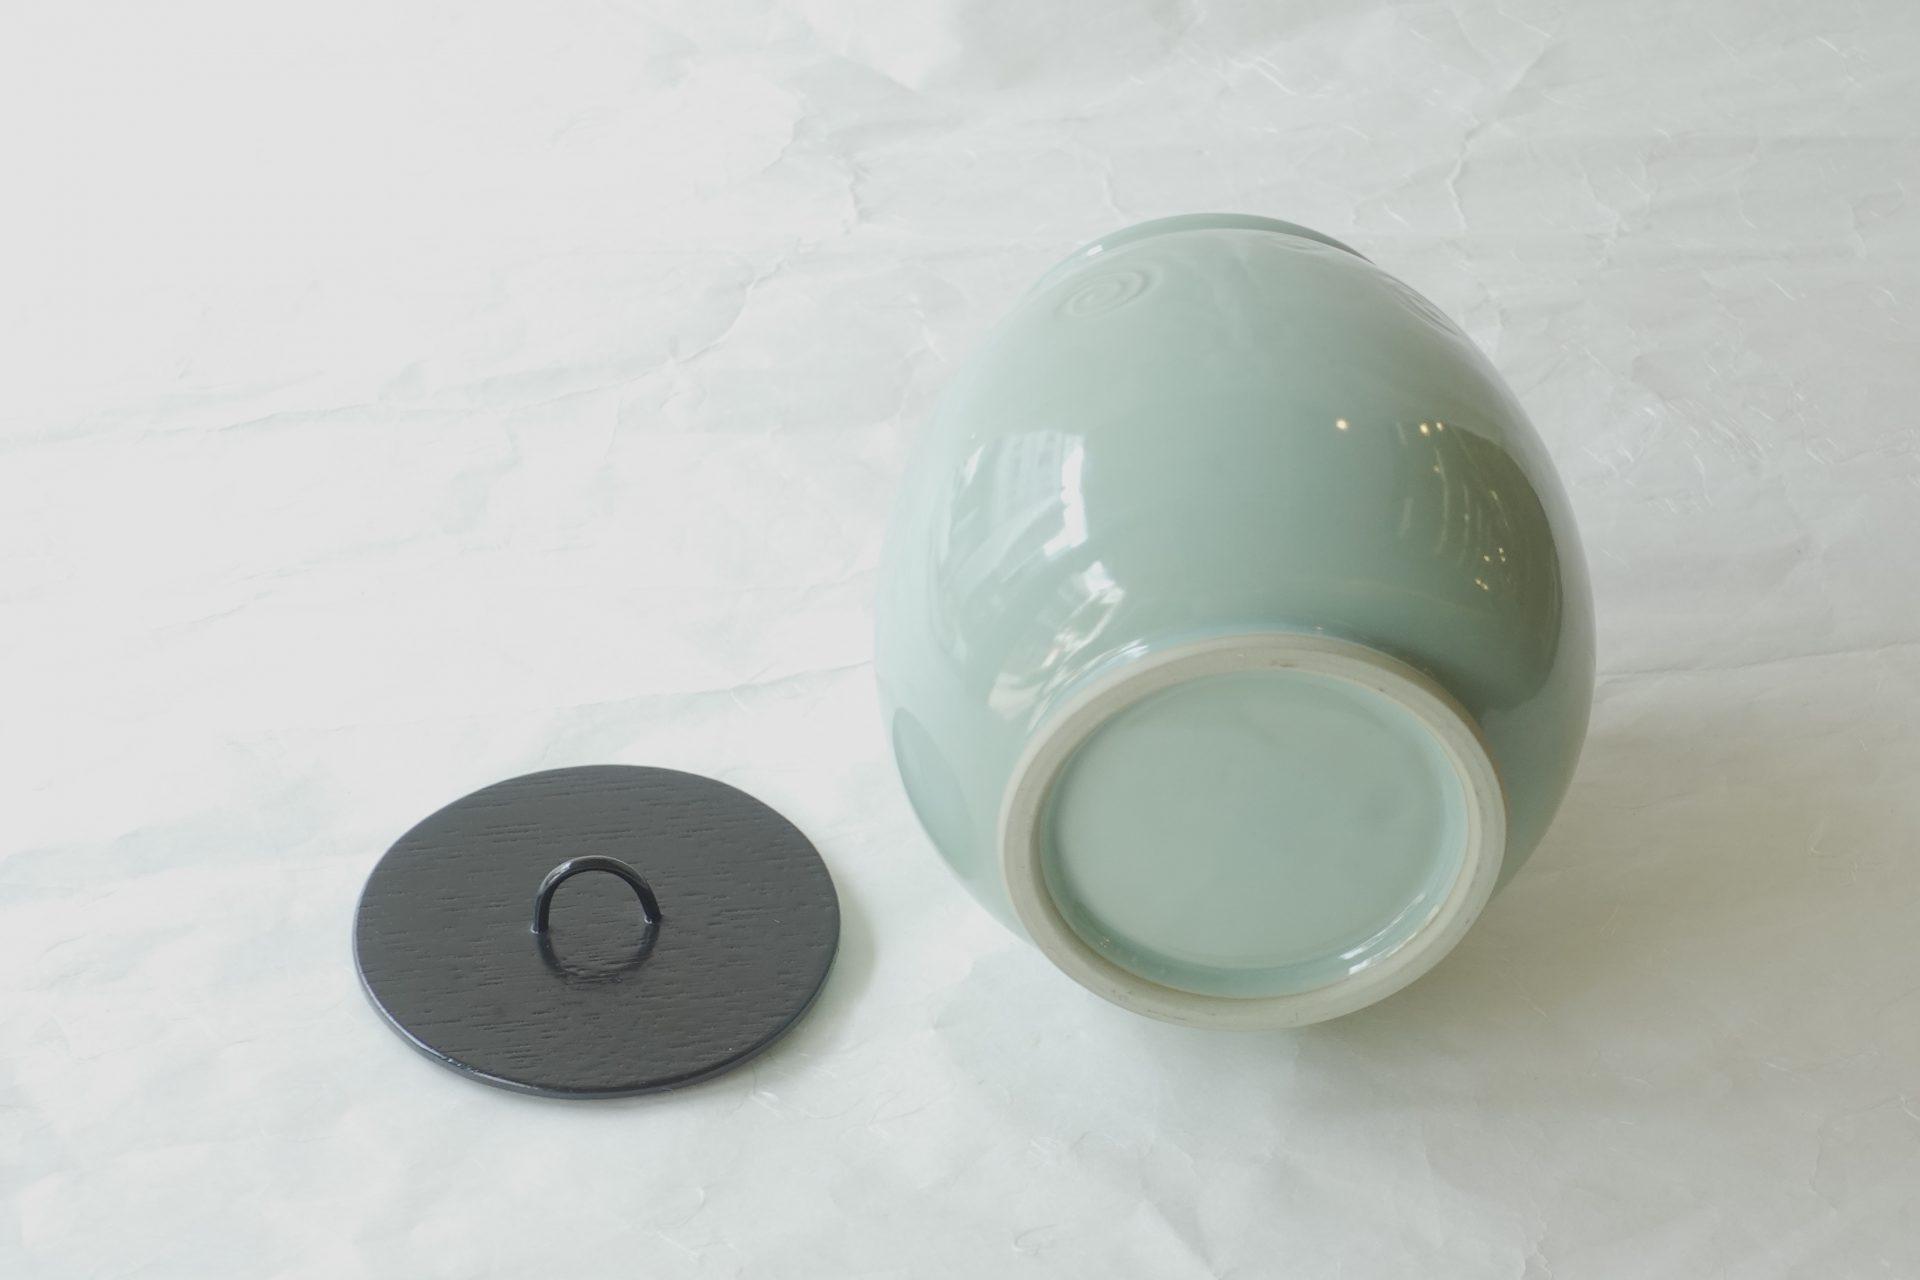 茶道具 茶の湯 茶道 裏千家 十四世 淡々斎 好み写し 手塚祥堂 水指 青磁 美しい色 渦紋 彫り バランスがいい コンパクトにまとまった 品のある形 よく映える 格が高い 合わせやすい 汎用性が高い